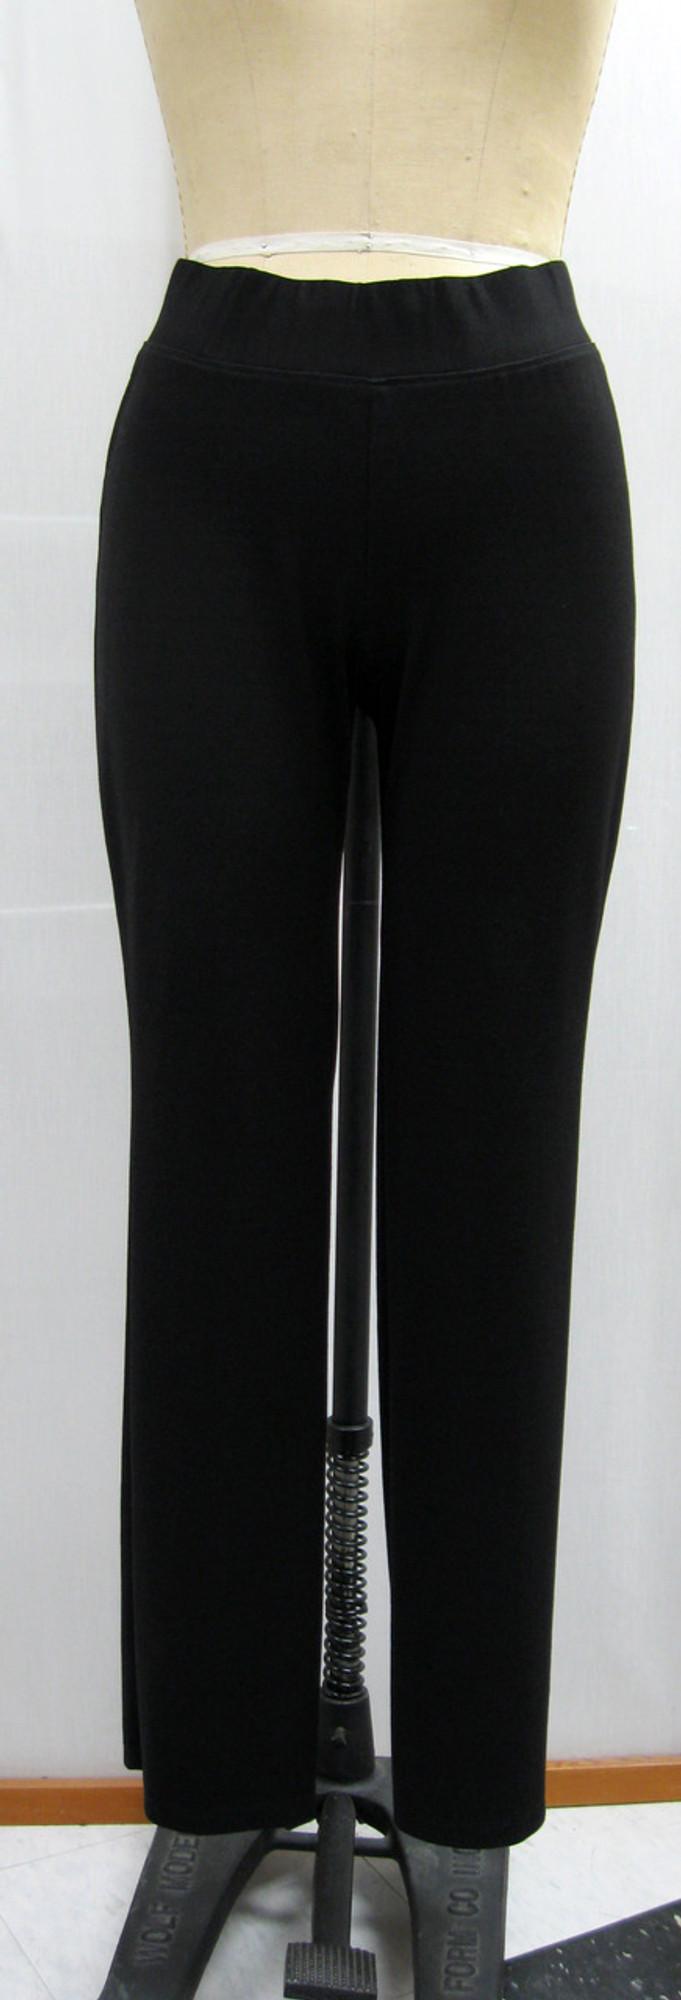 Ponte Knit All Day Slack, Front, Black